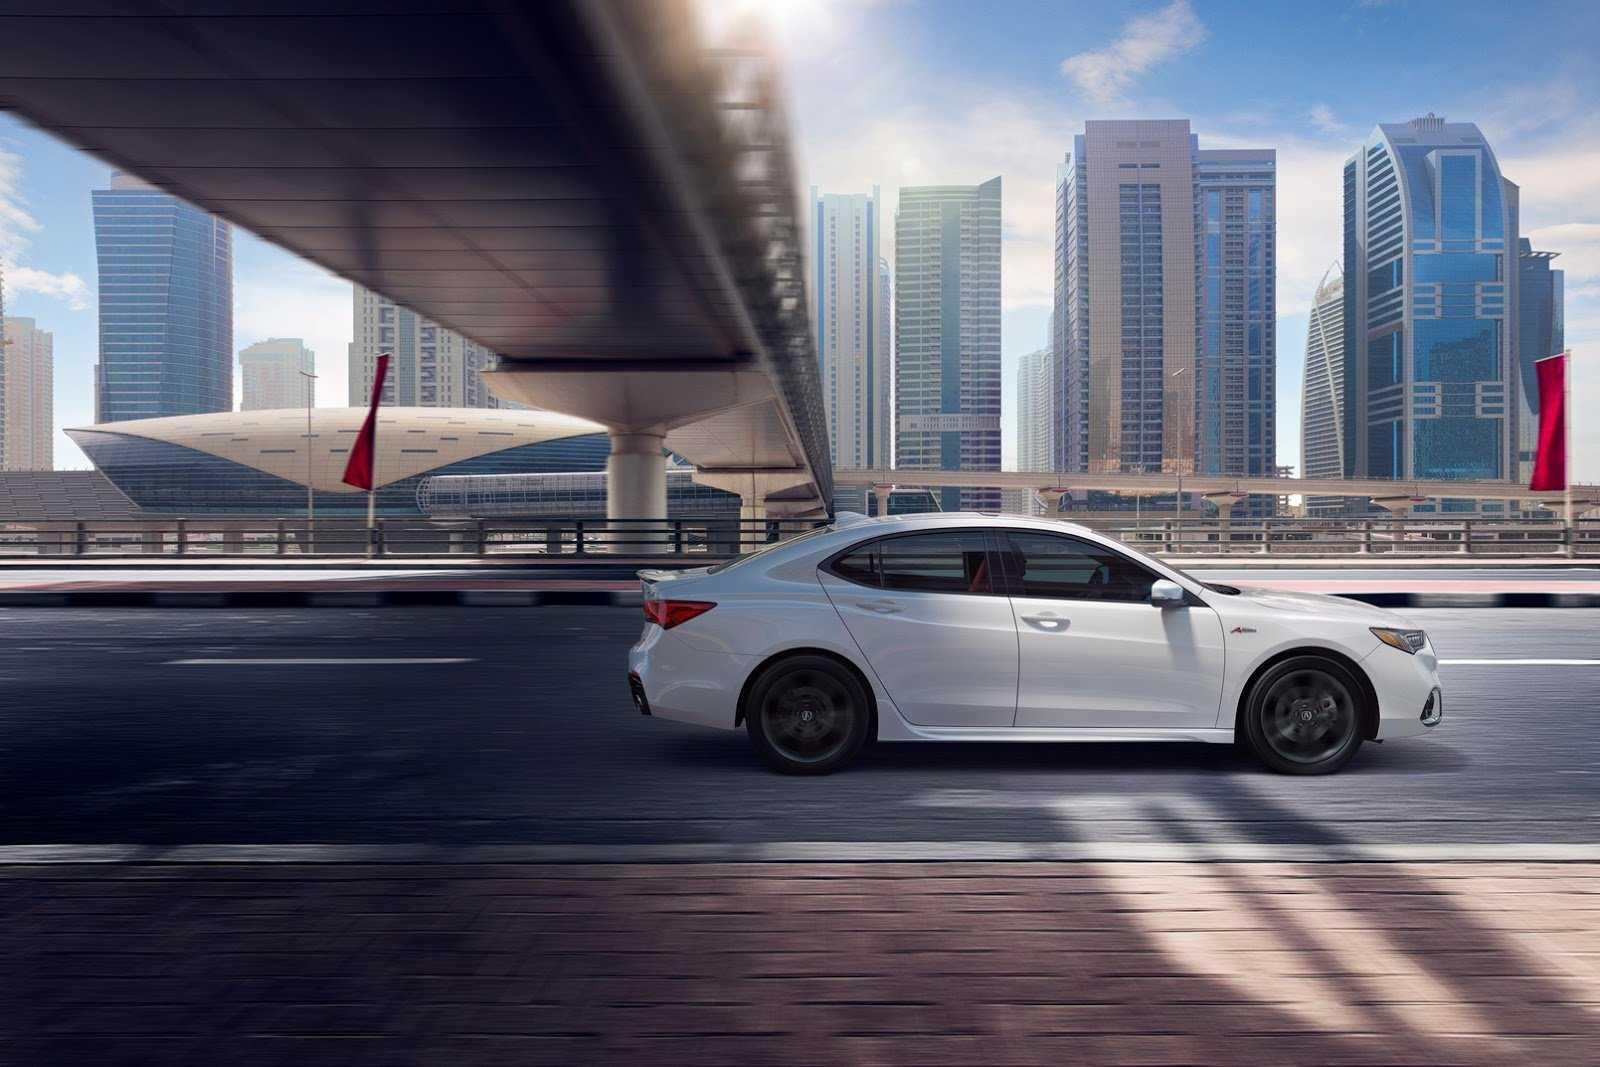 Acura tlx 2021 года будет стоить 525 долларов и появится у дилеров этой осенью |